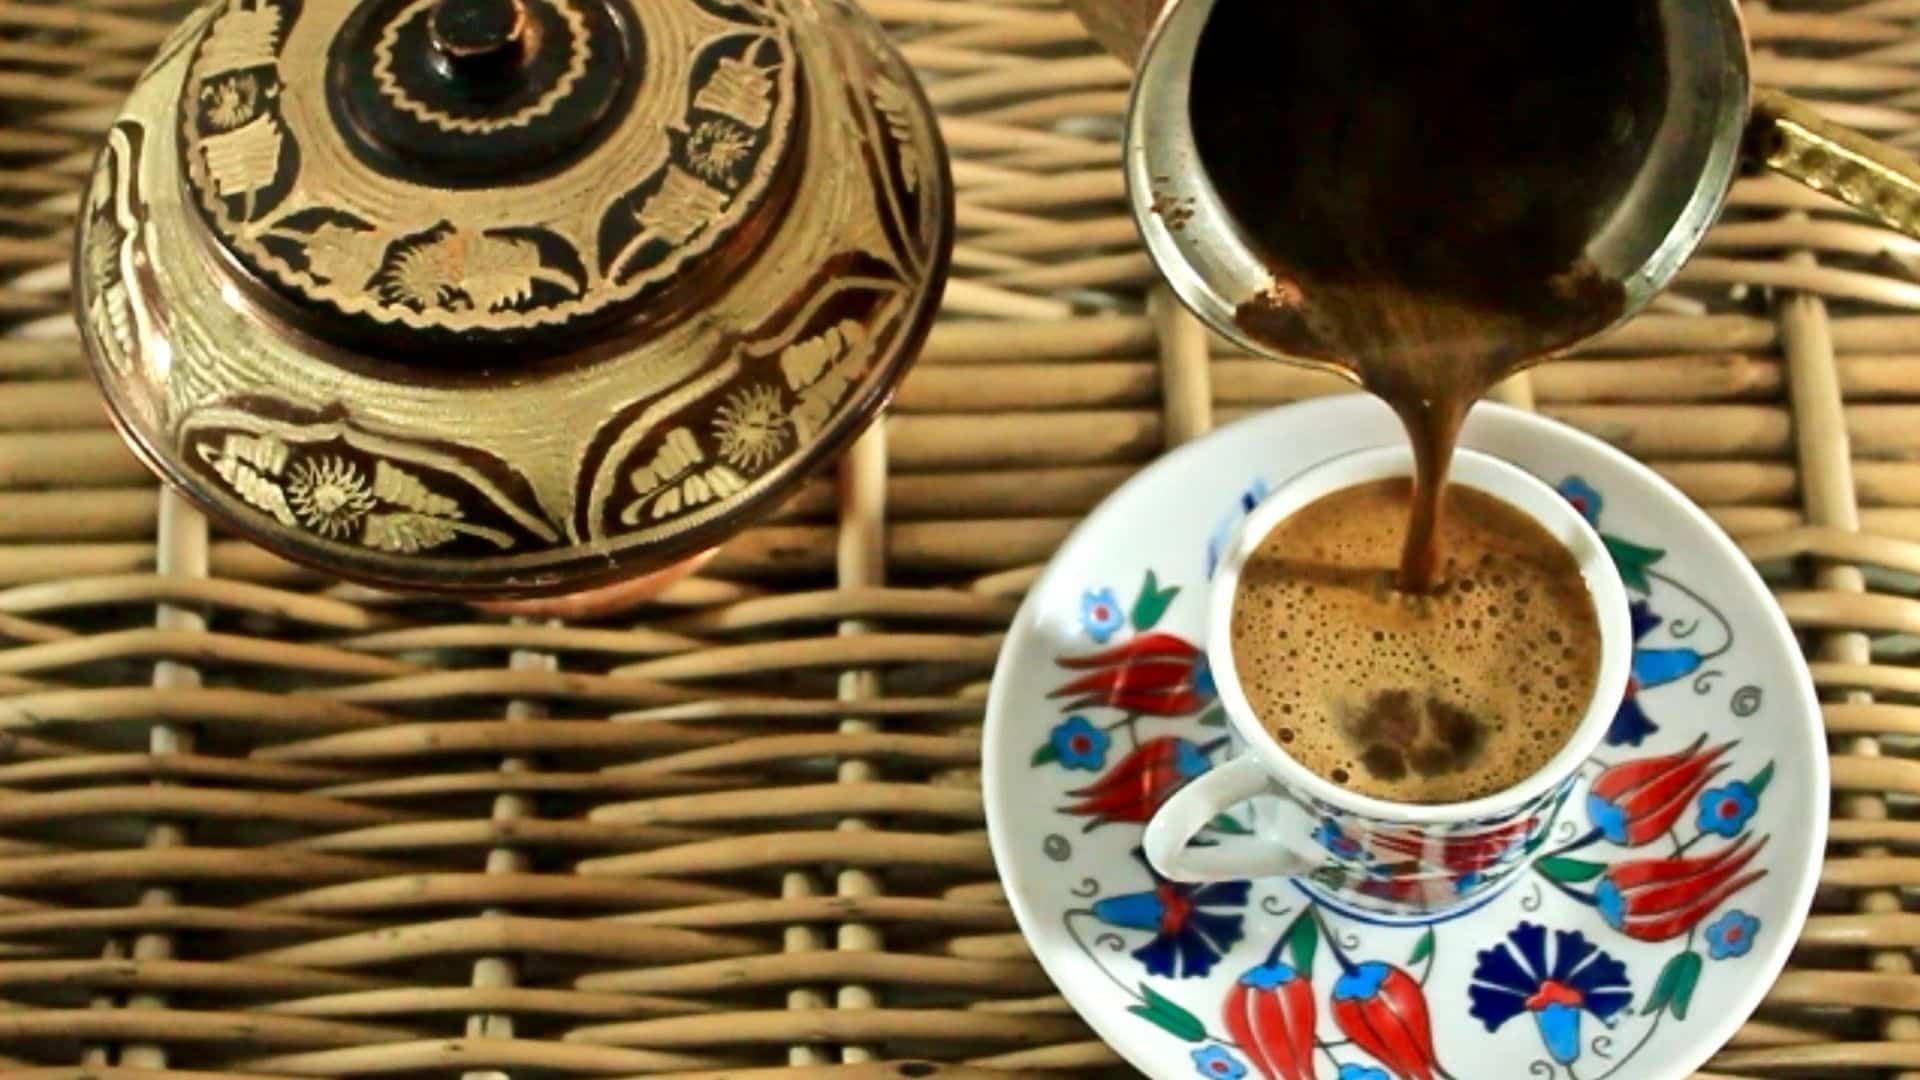 Ez a házi készítésű Dalgona Latte a végső habos kávé - egy felvert kávé egy instant kávé por felhasználásával, melegen vagy jégel tálalva zabtej mellett!. Ezenkívül a recept után frappáns habos kávé képek látható.